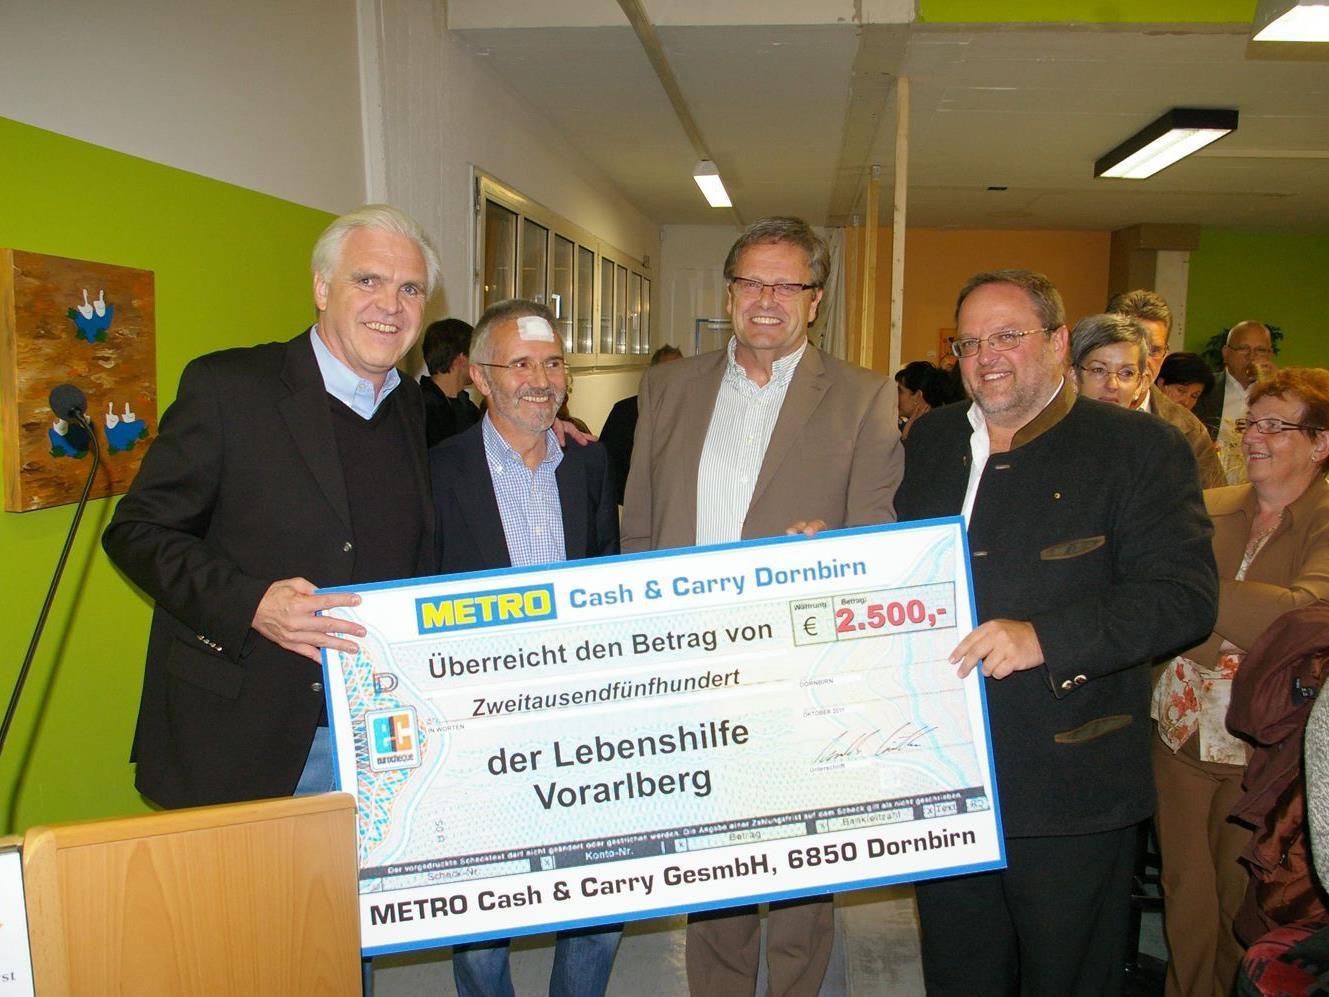 Metro-Geschäftsleiter Günther Kreuzhuber (ganz links) übergibt einen Scheck über 2.500,-- Euro an Berno Witwer, Heinz Werner Blum und Ernst Schmid.